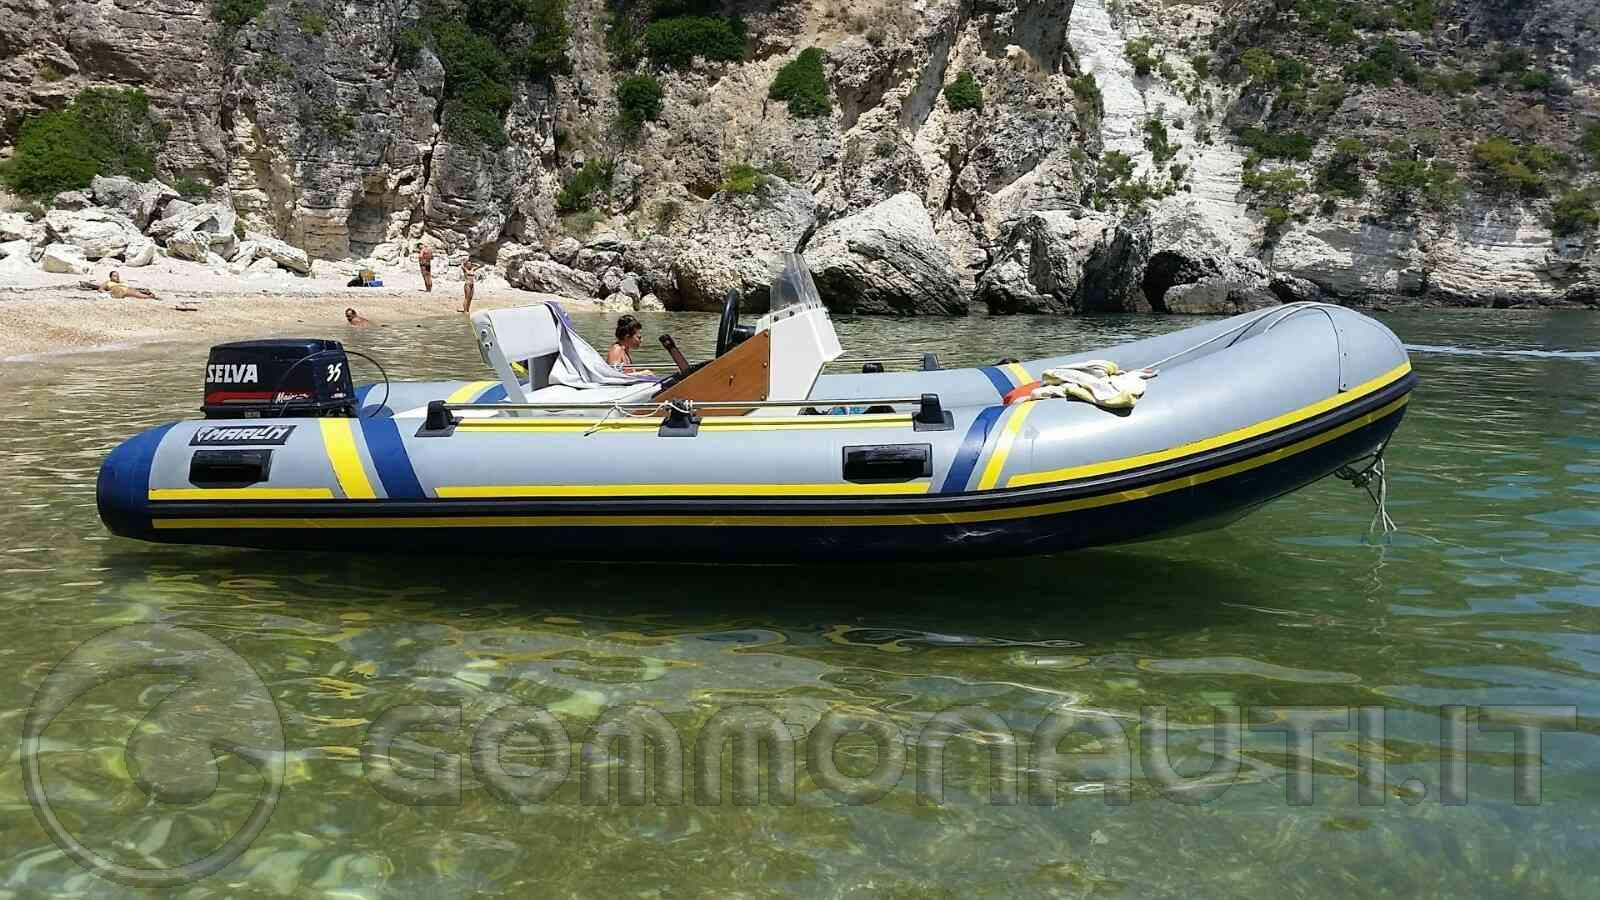 Vendo Marlin 417 - Selva Maiorca 35 cv - carrello Ellebi LBN 310